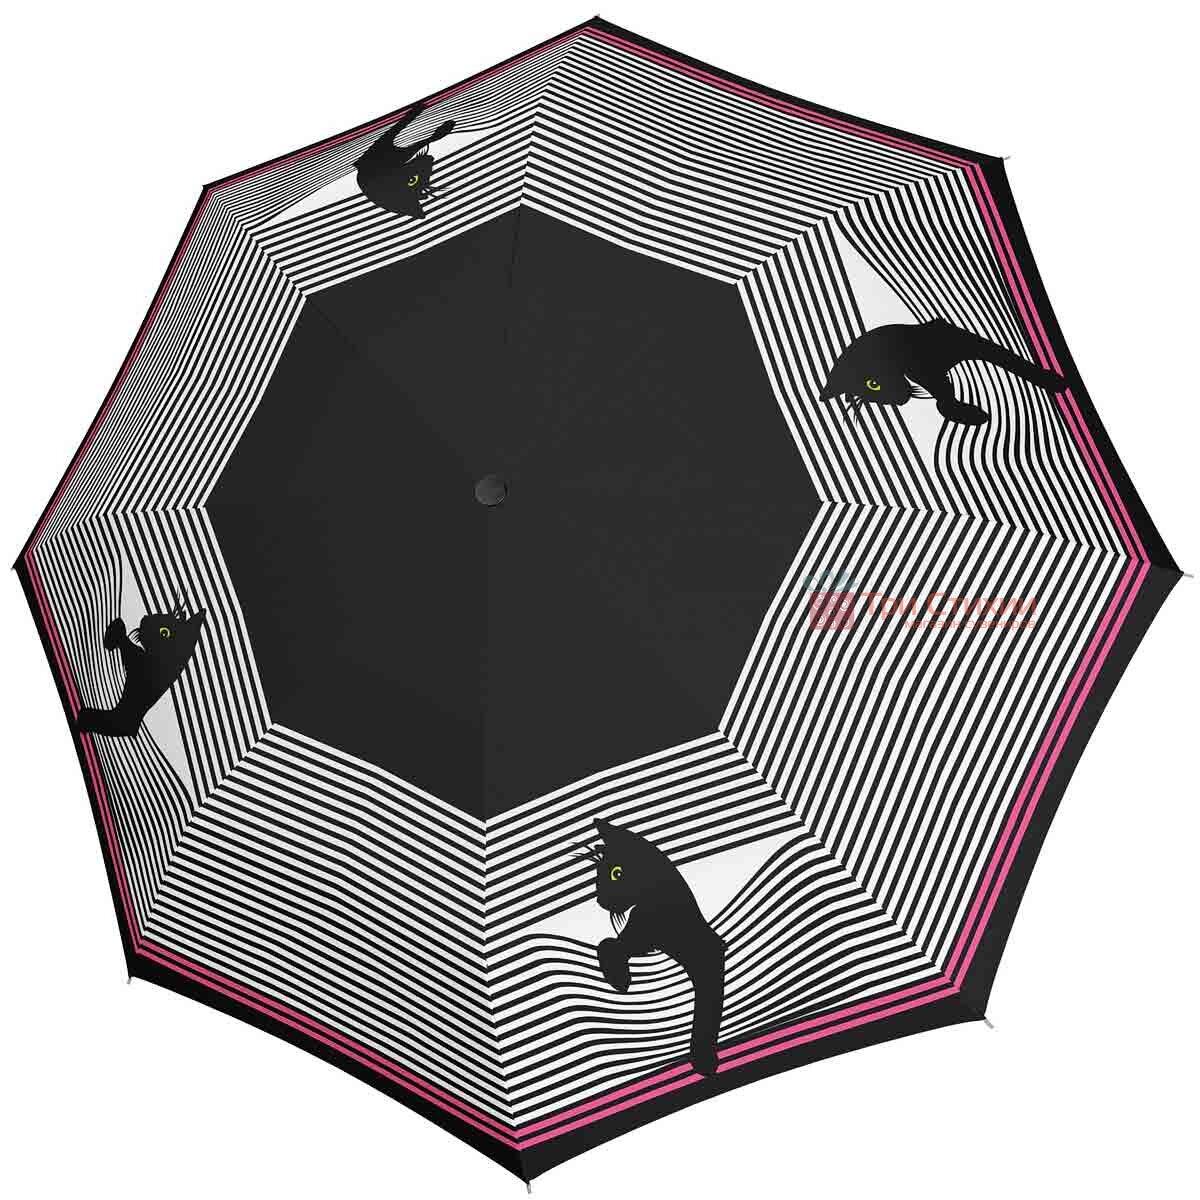 Зонт складной Doppler 746165CO автомат Кошки Черно-белый, фото